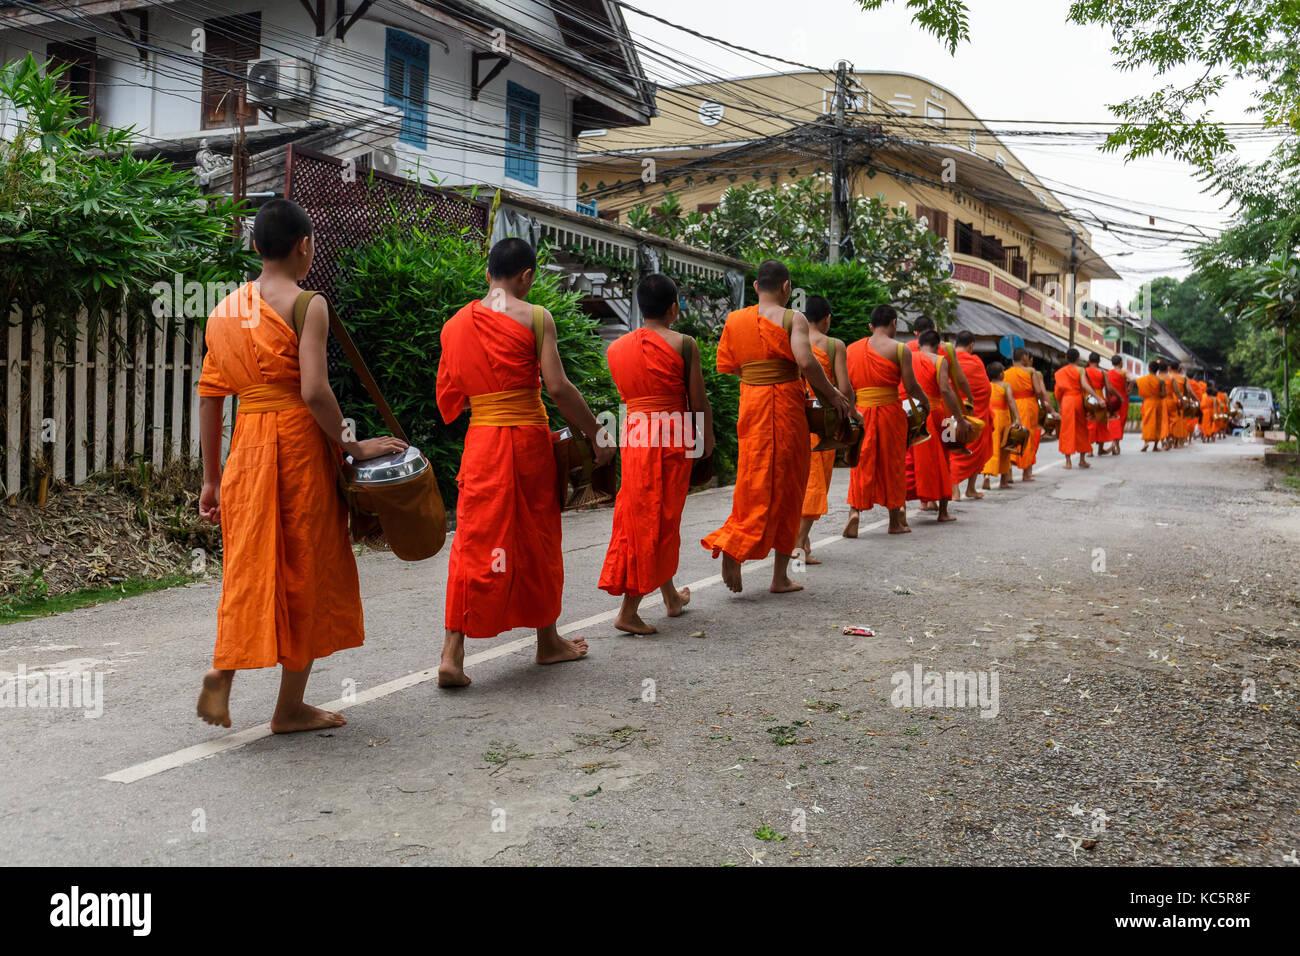 Les moines bouddhistes dans une ligne à Luang Prabang, Laos Photo Stock